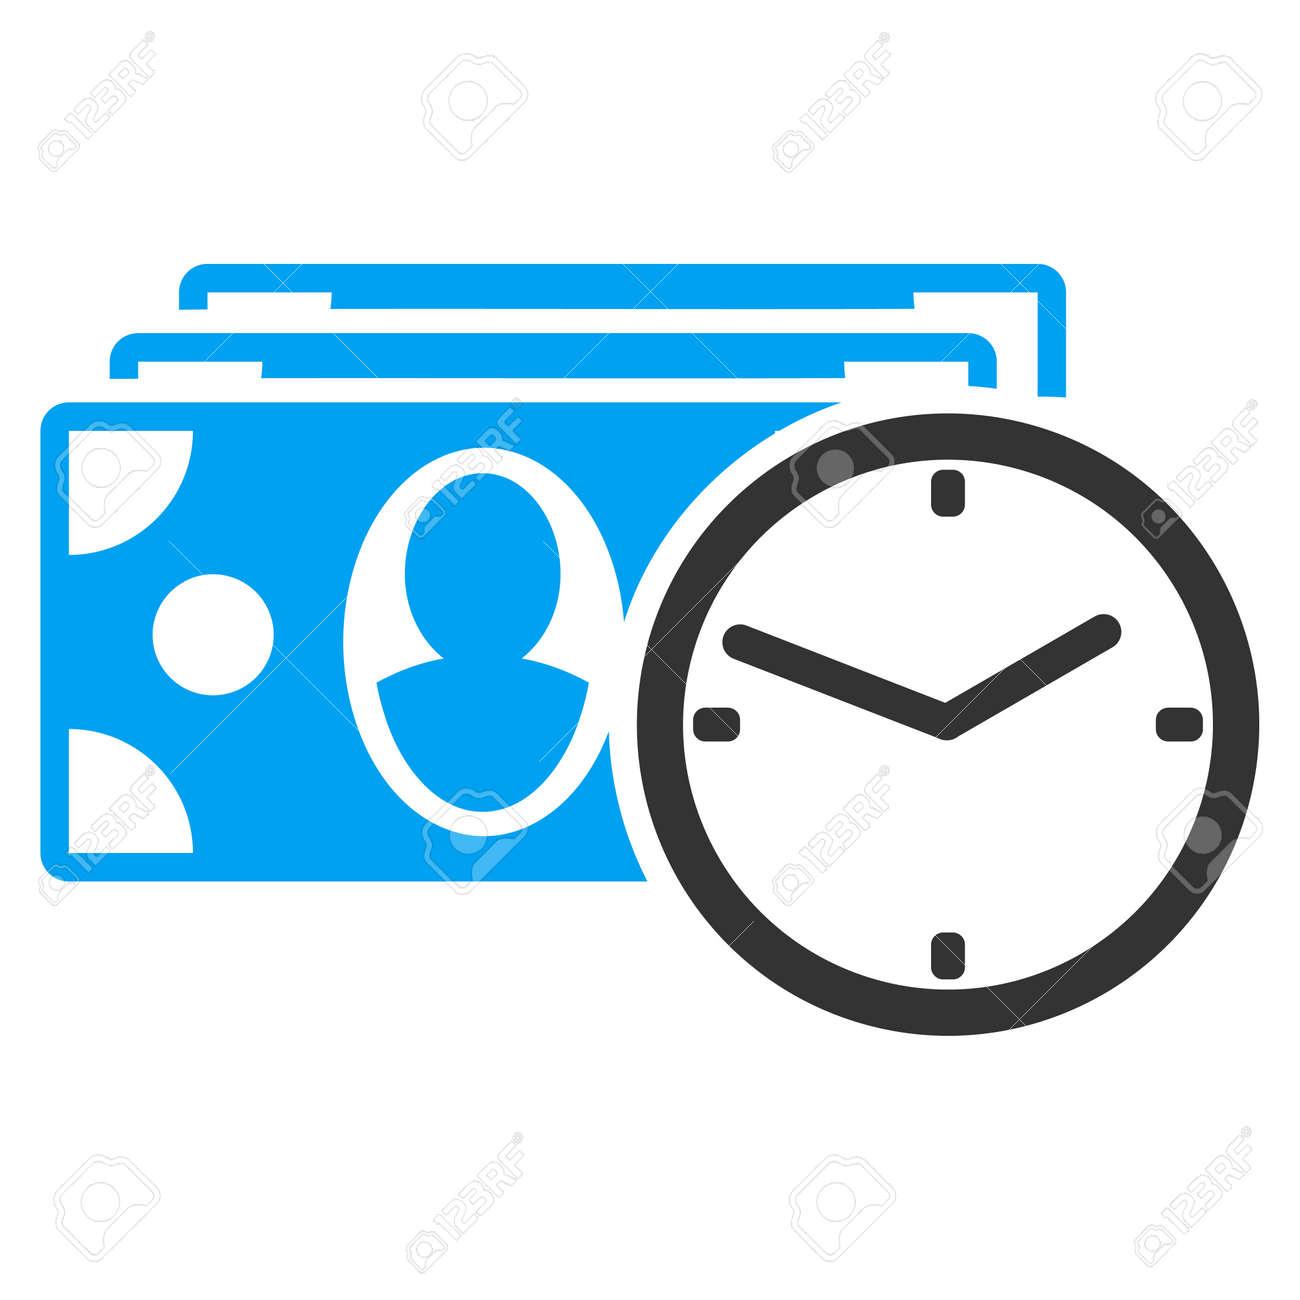 Resultado de imagen para icono de crédito